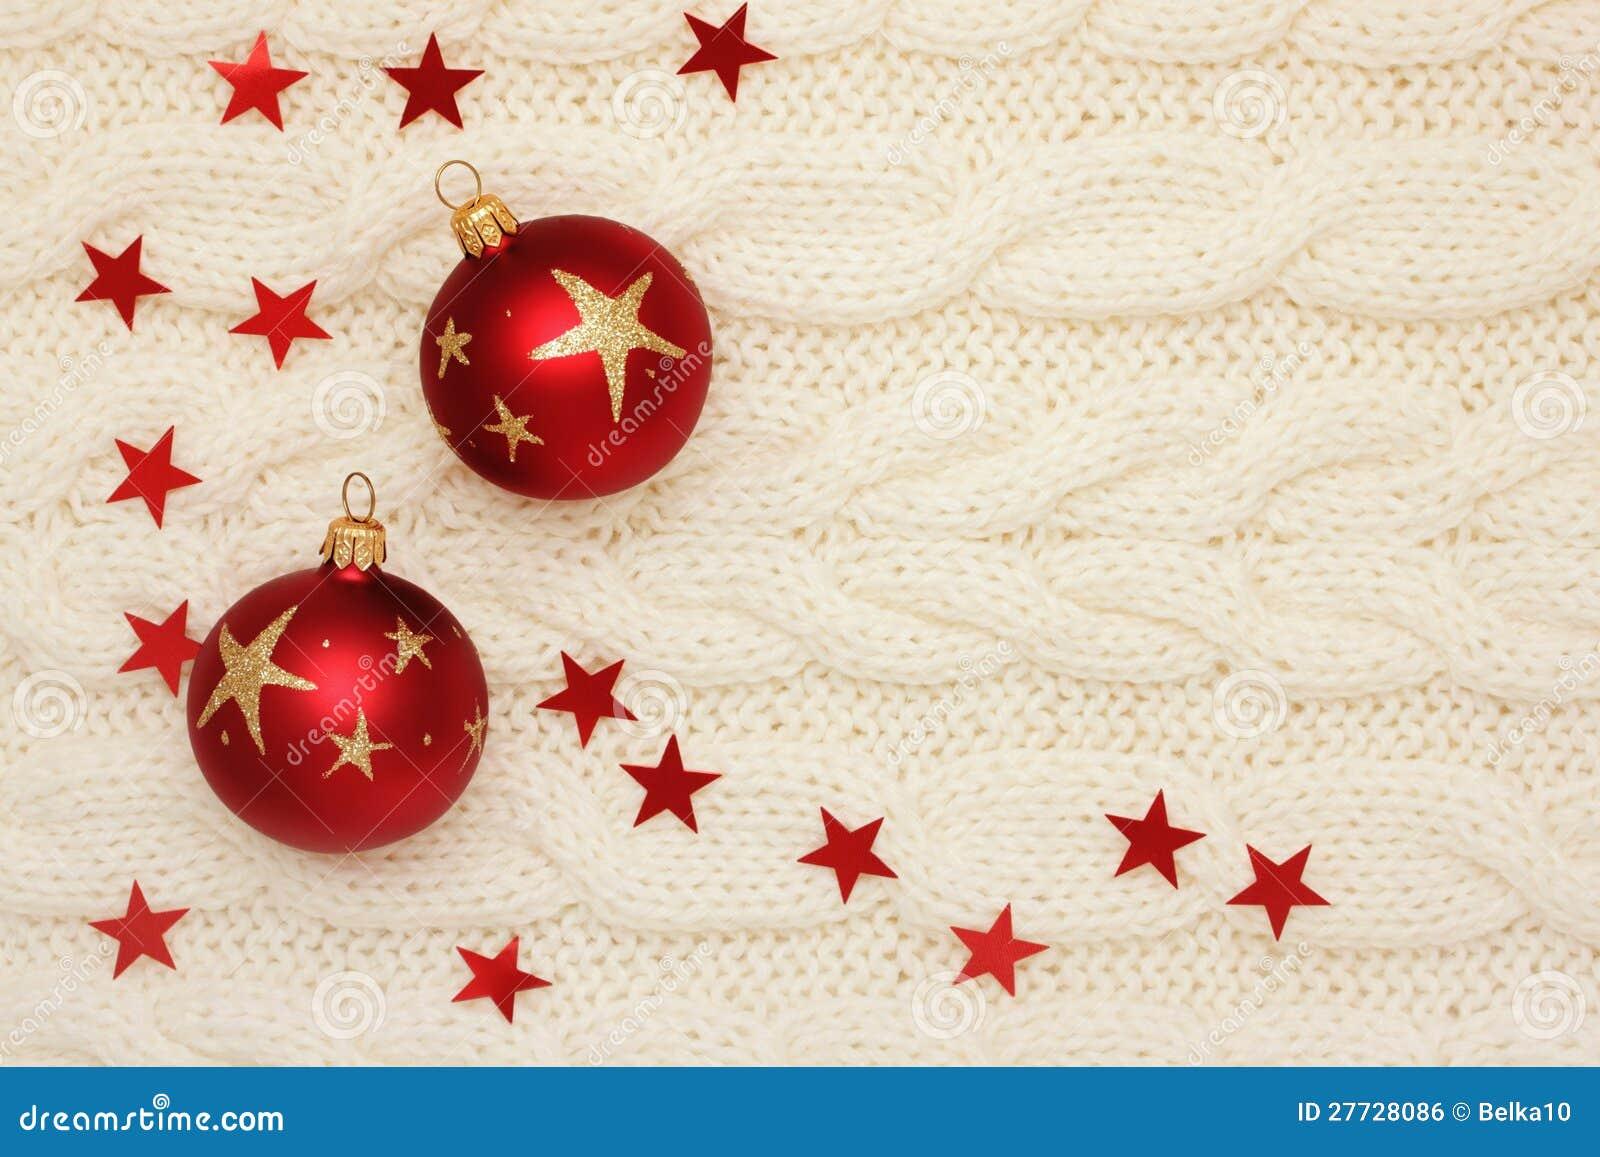 Weihnachtskugeln, -sterne und -korne auf dem Stricken